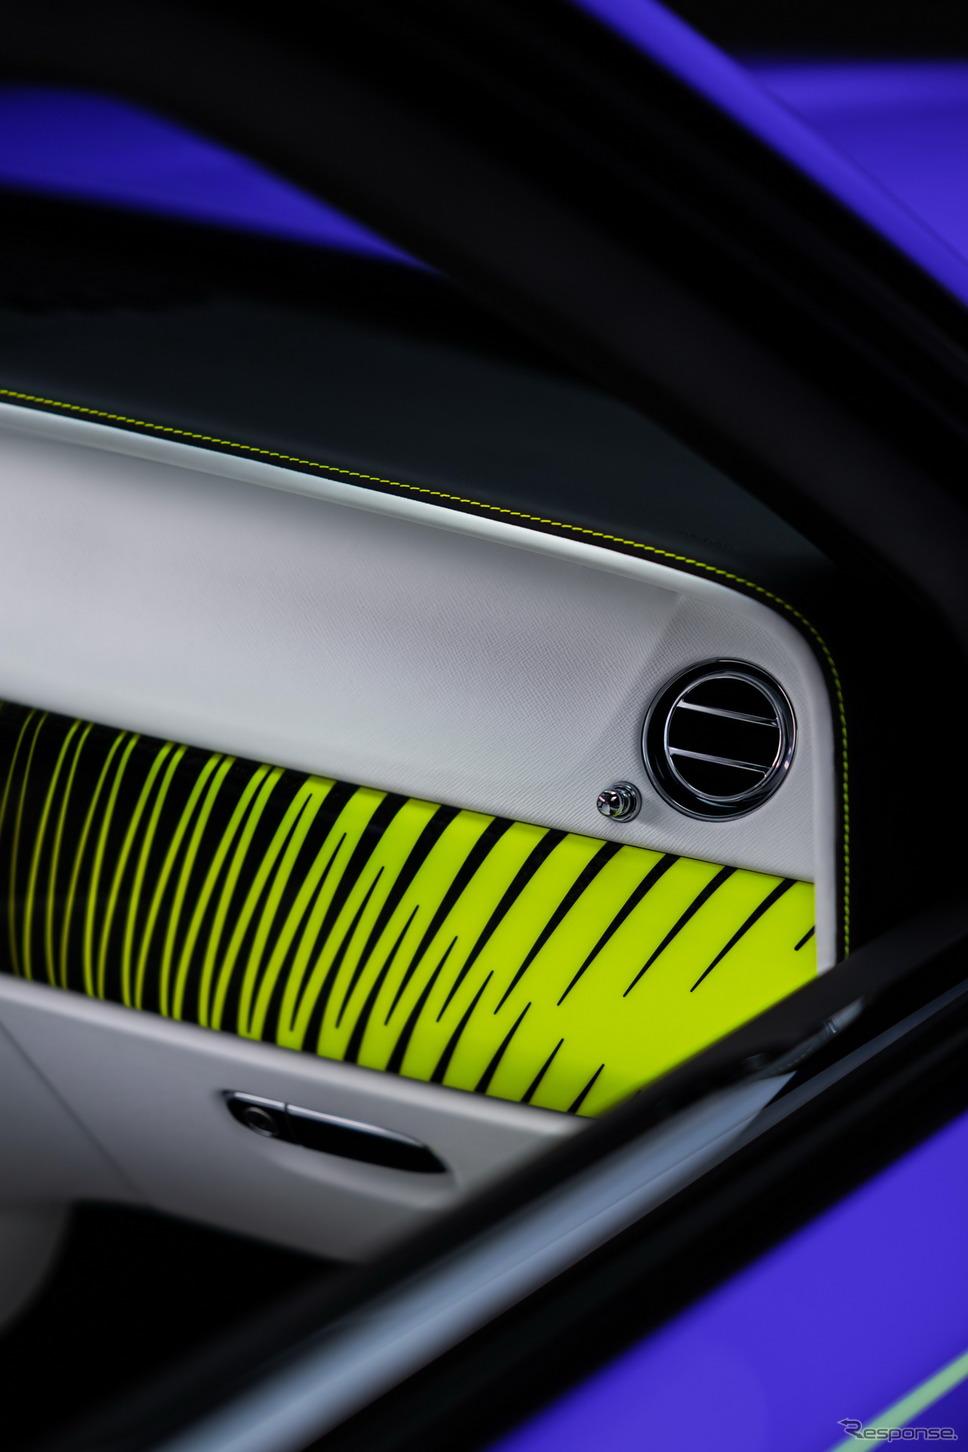 ロールスロイス・カリナン・ブラックバッジ・ネオンナイト《photo by Rolls-Royce Motor Cars》